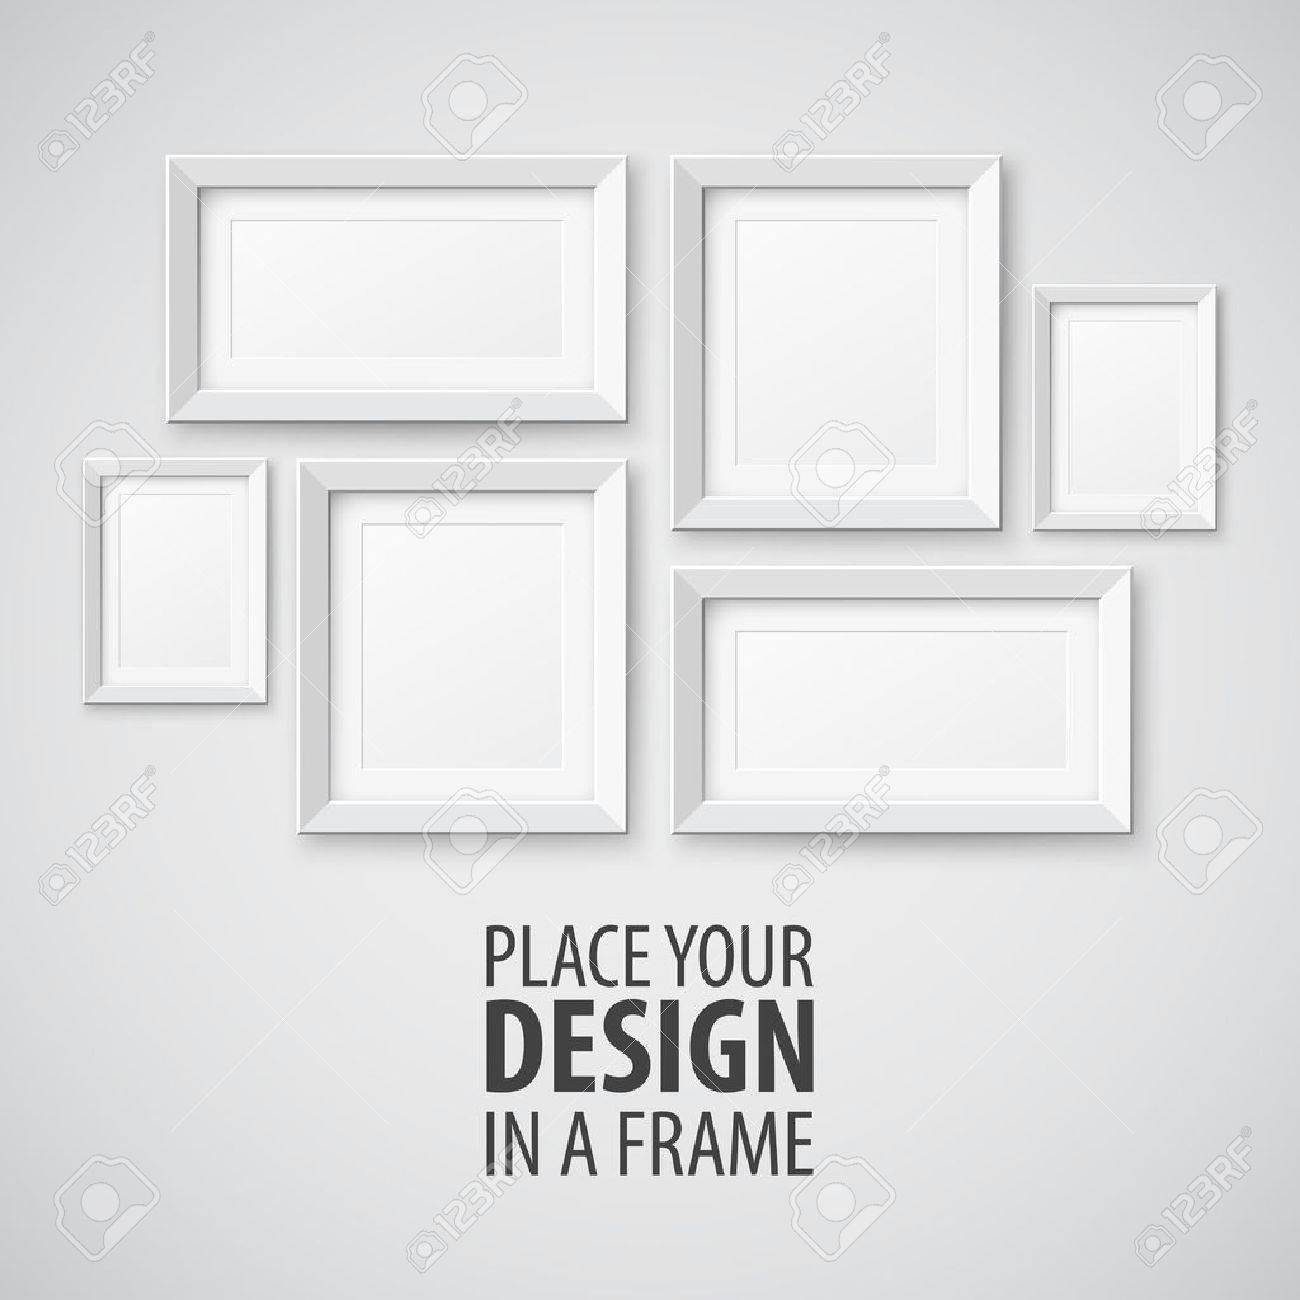 Design Bilderrahmen | Vektor Satz Von Bilderrahmen Template Fur Sie Design Lizenzfrei